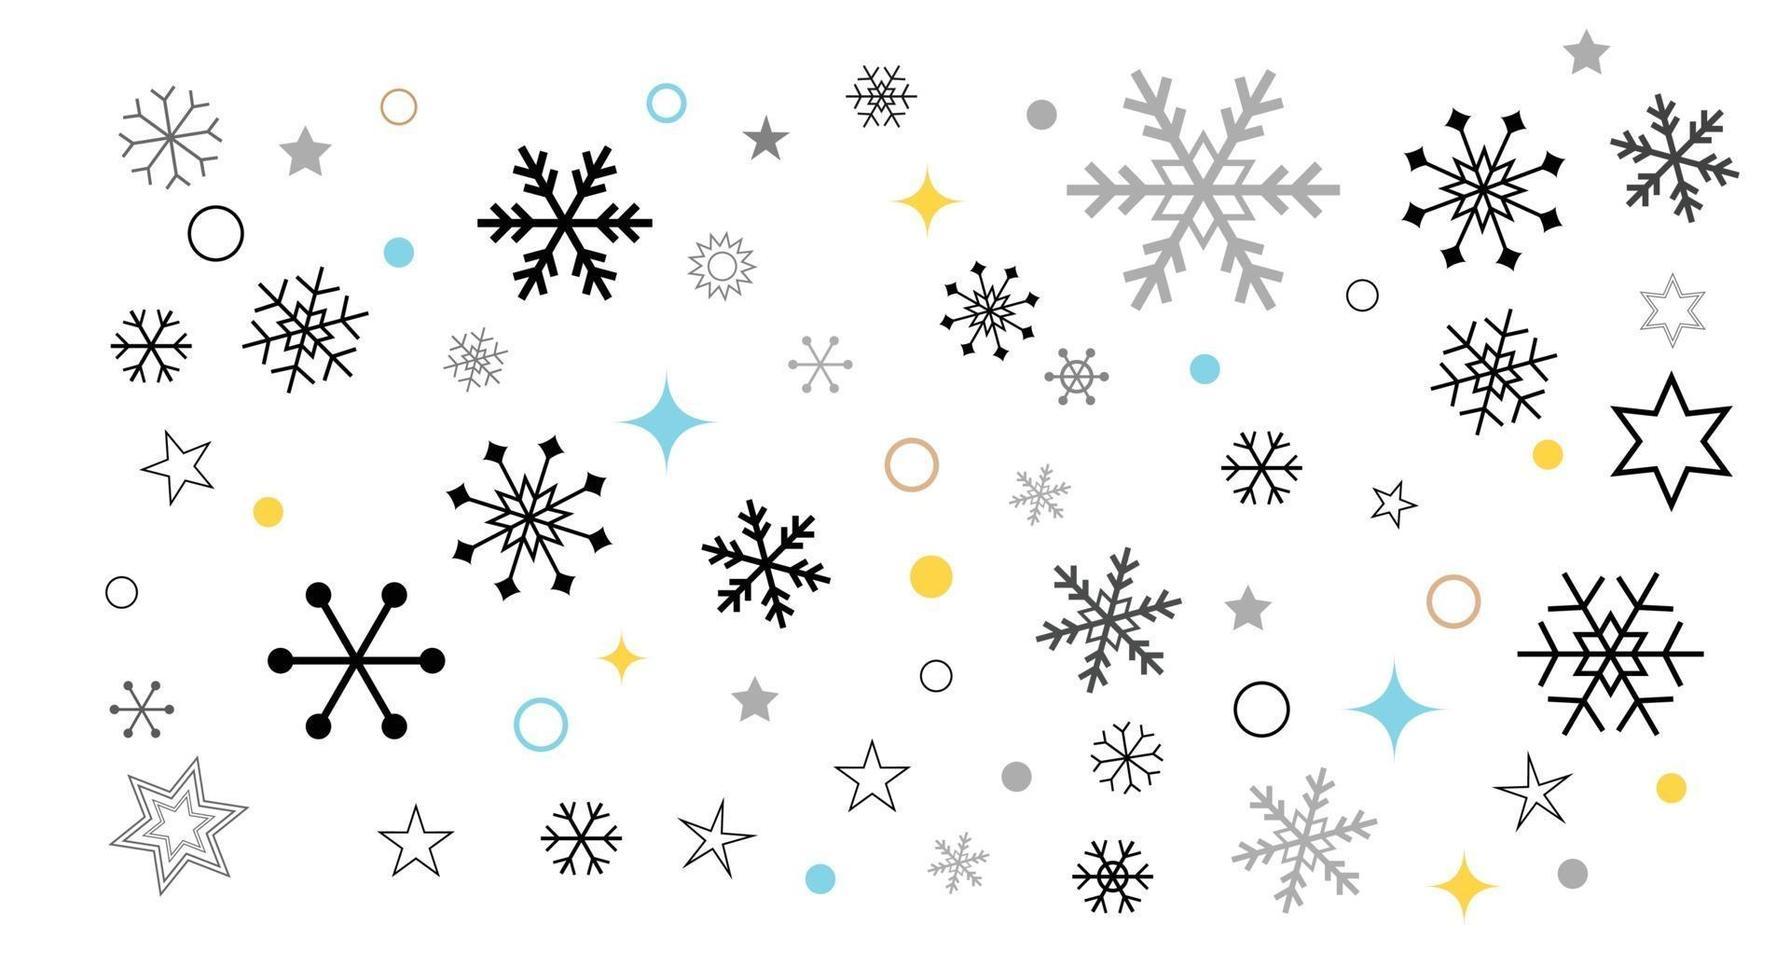 elementi di neve stelle scintille di ghiaccio e raccolta di vettore di coriandoli bokeh